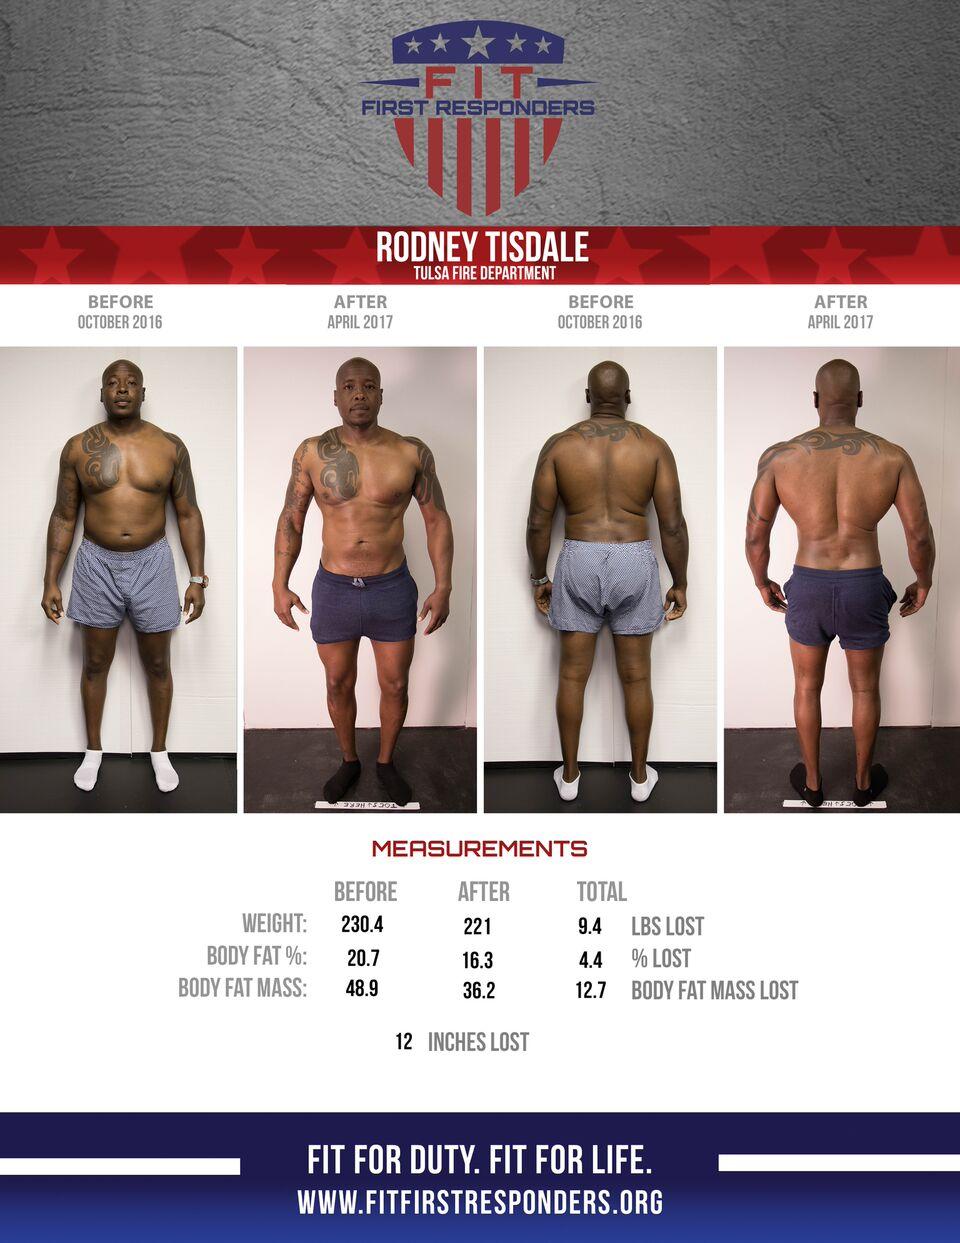 Rodney Tisdale